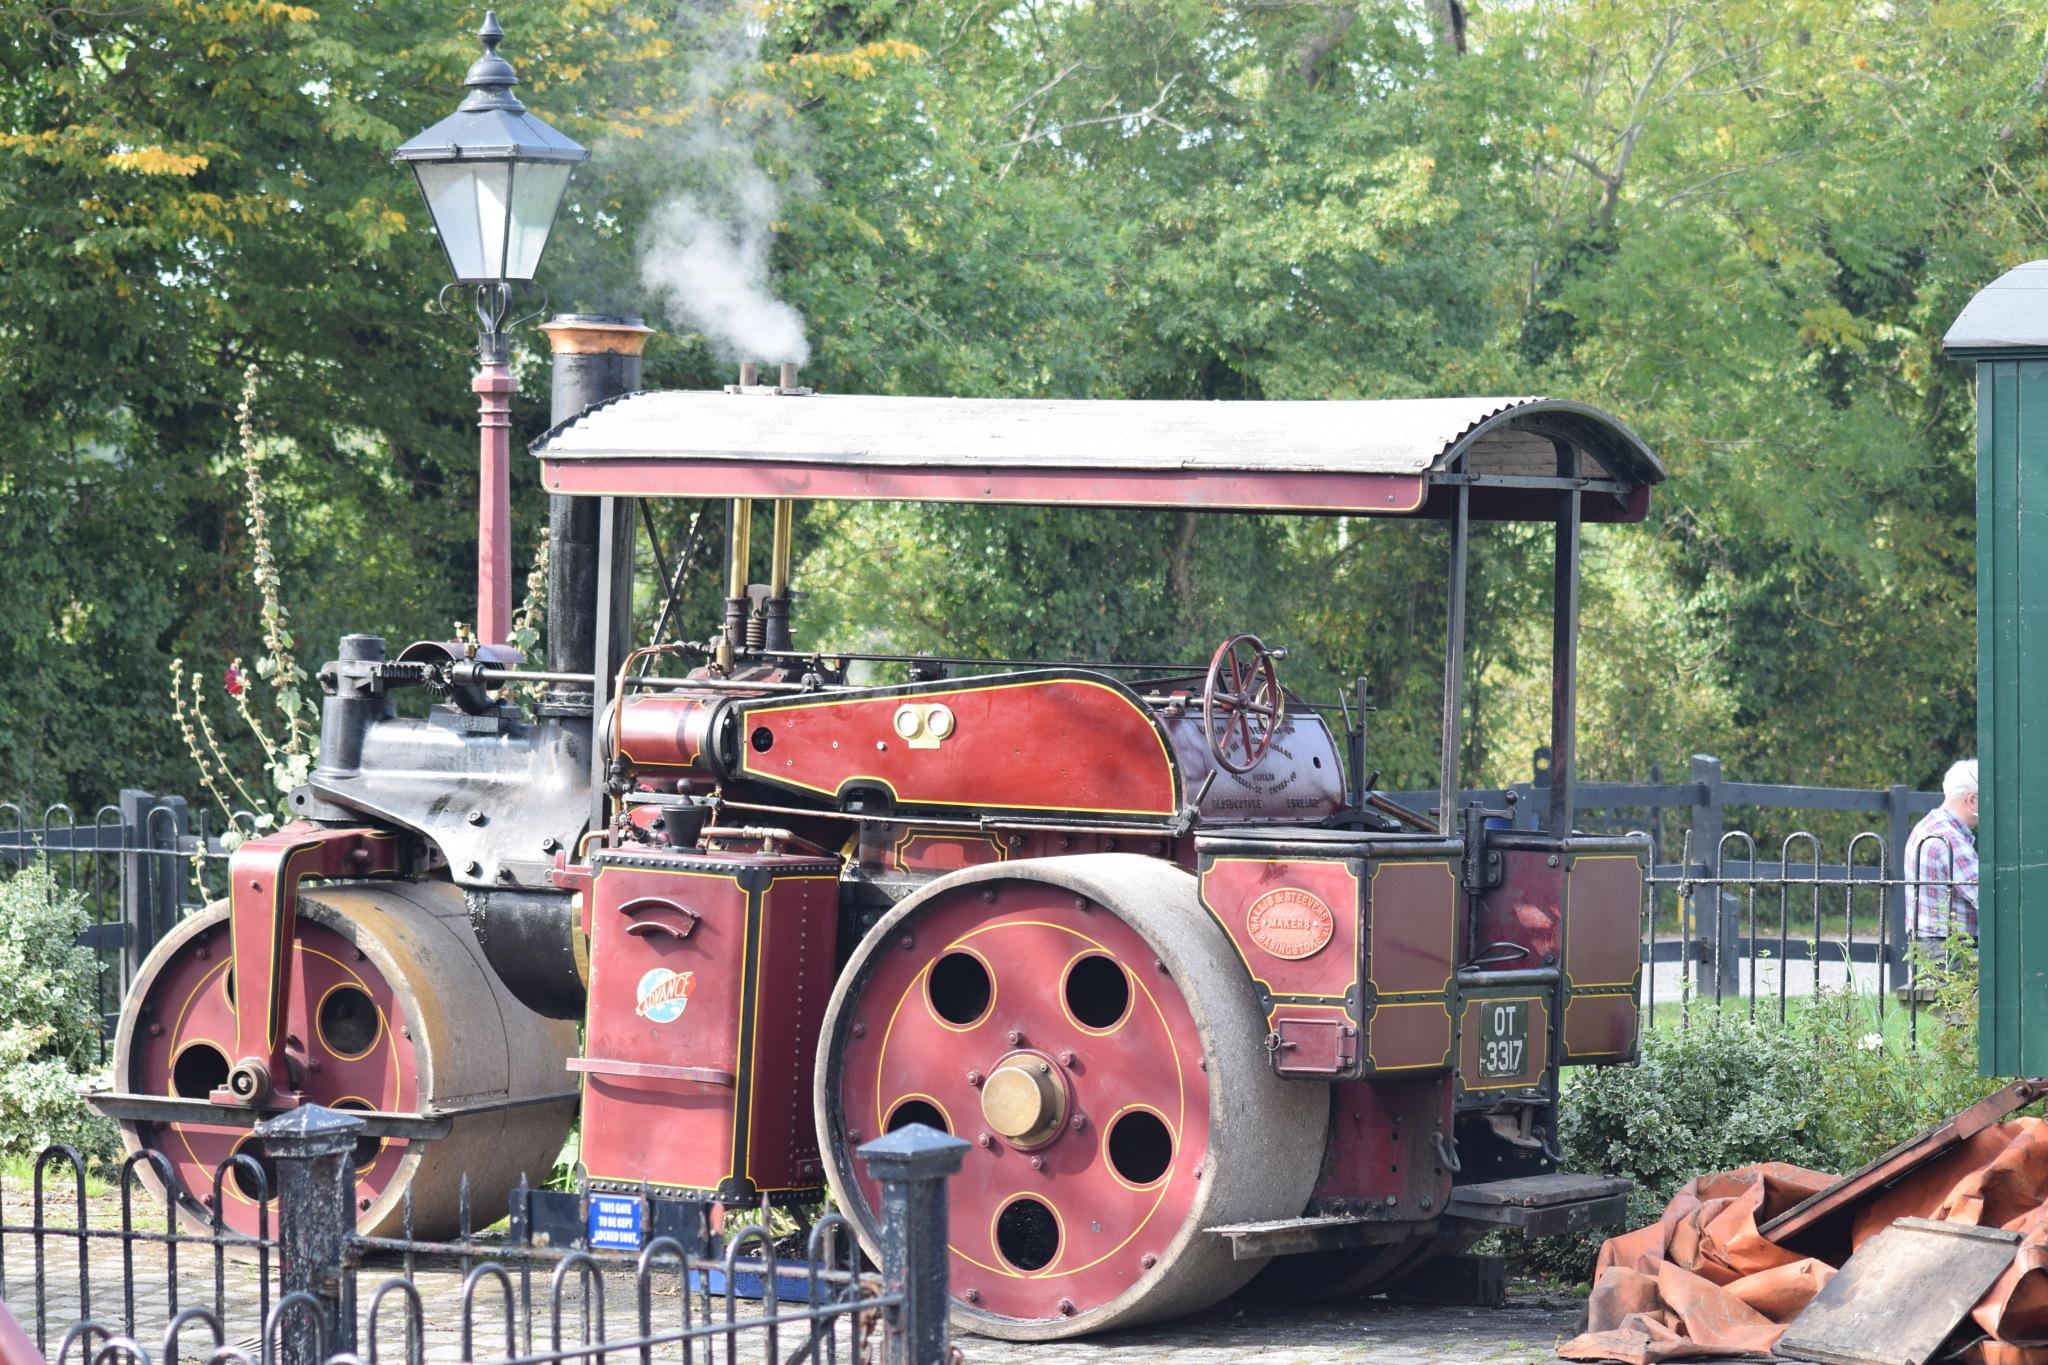 Tenterden steam railway by Peter58